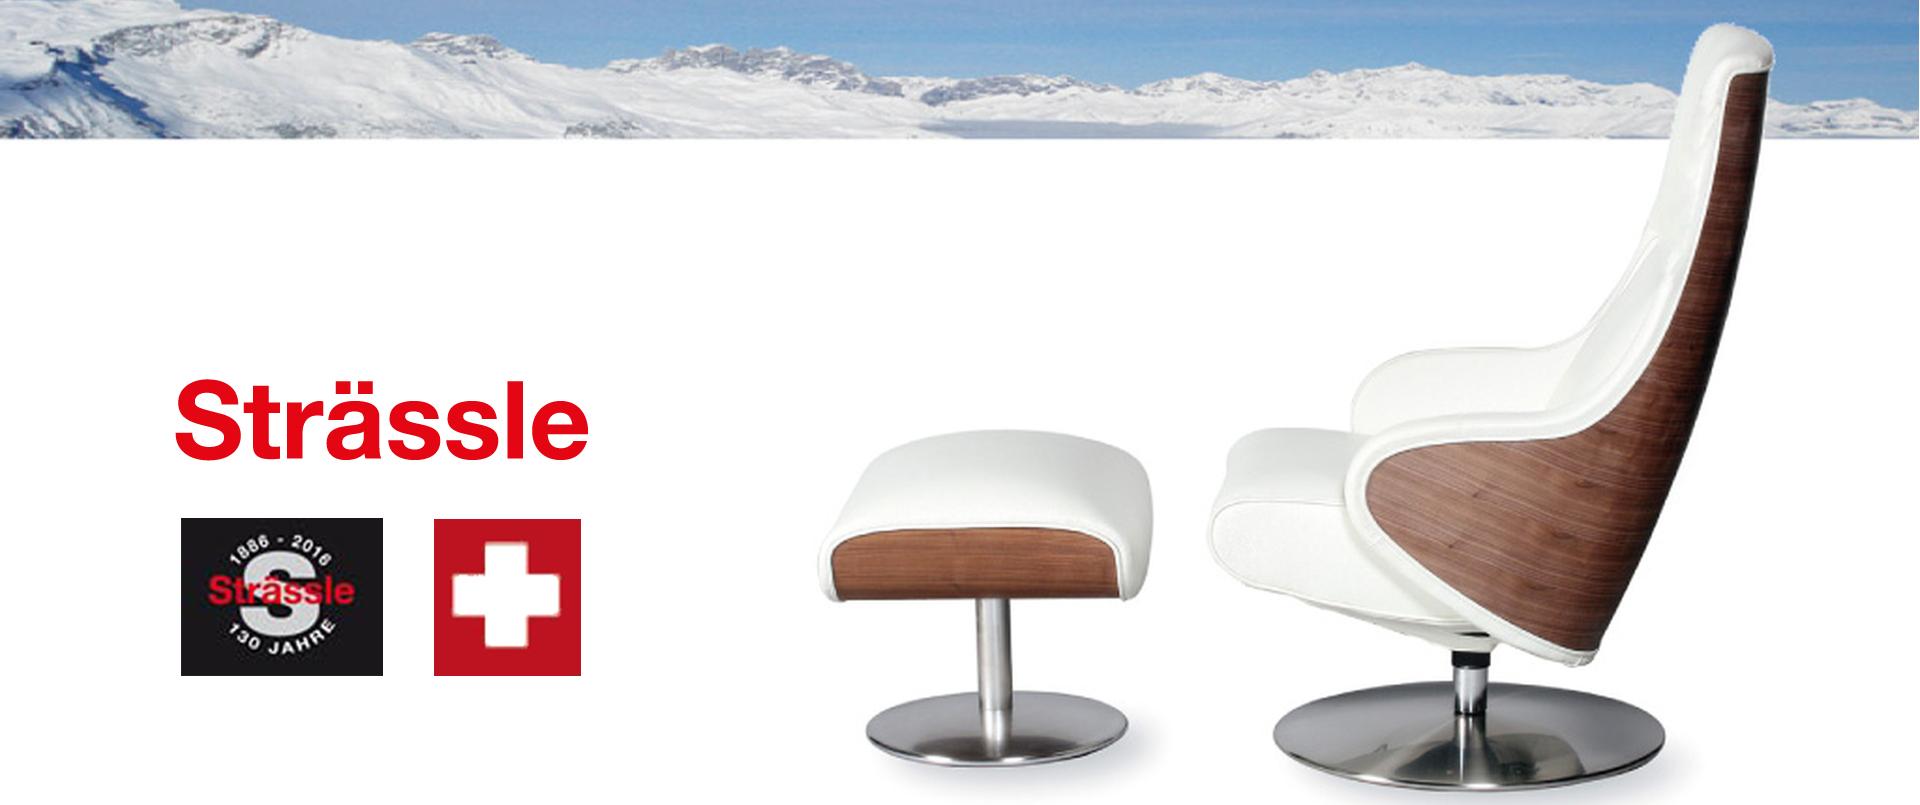 Strassle Switzerland Sessel Kaufen Jager Polstermobel